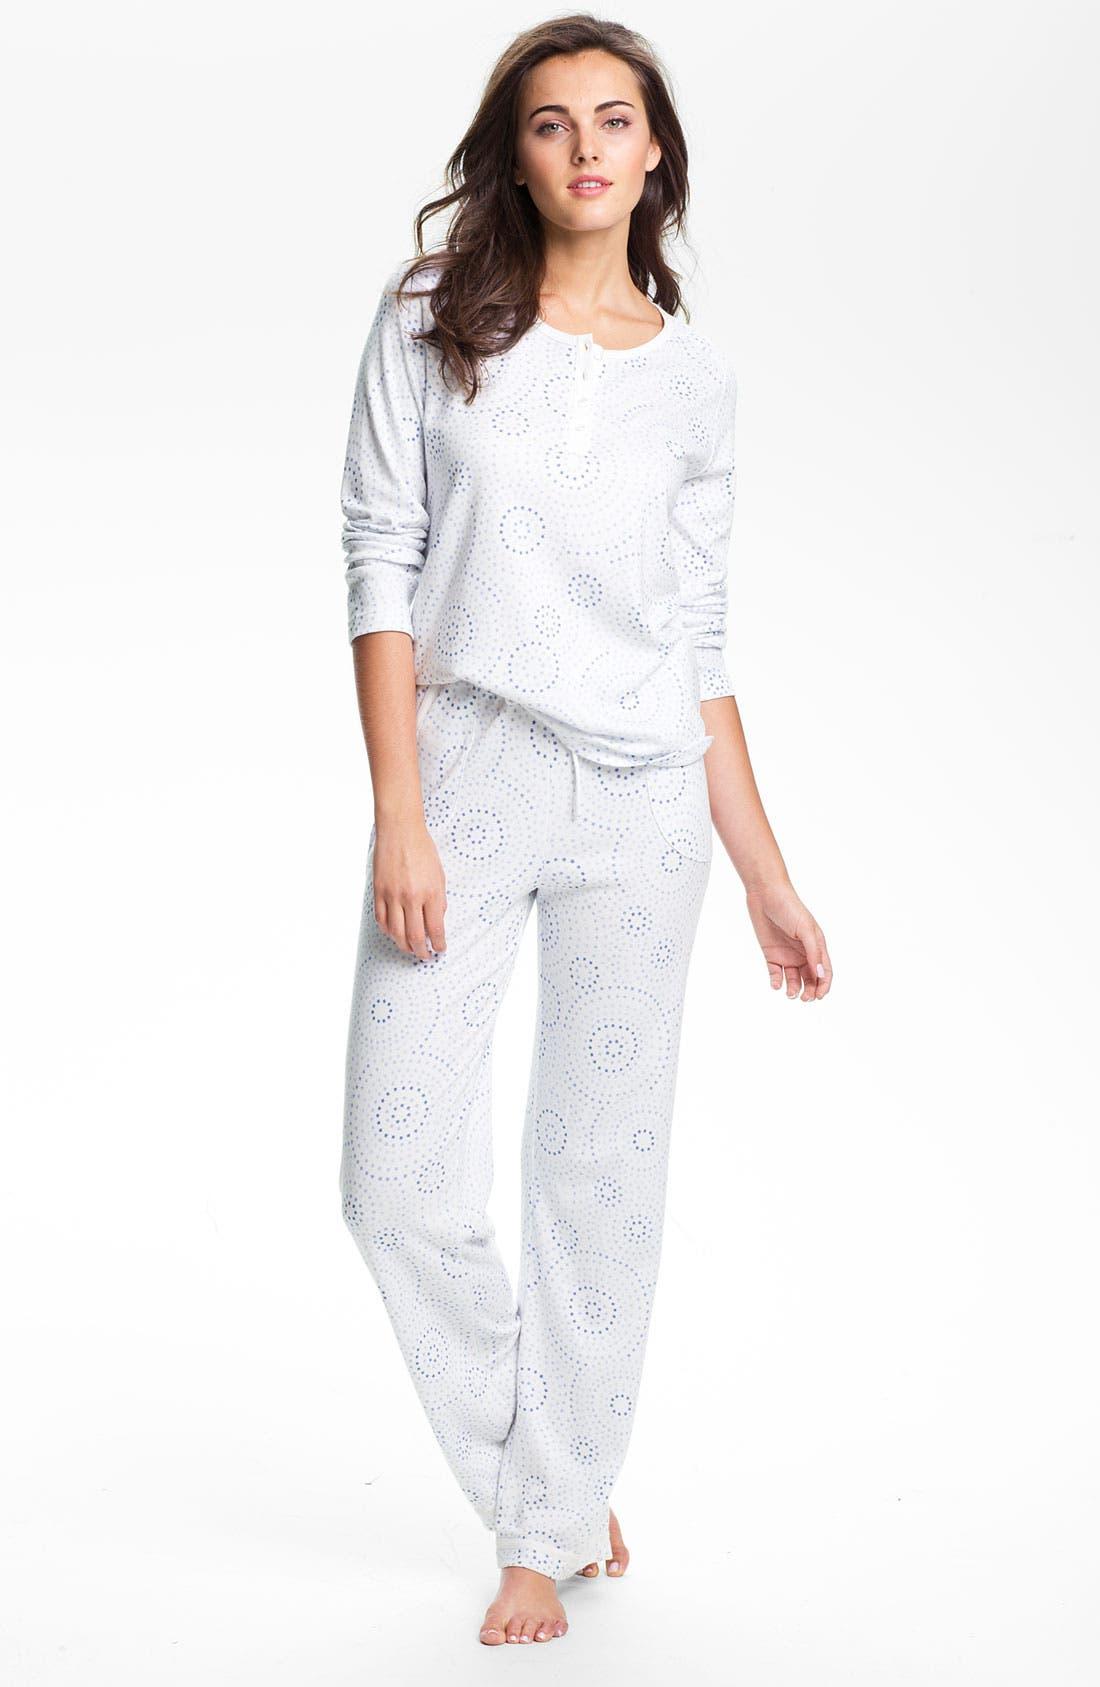 Main Image - Carole Hochman Designs Interlock Knit Pajamas